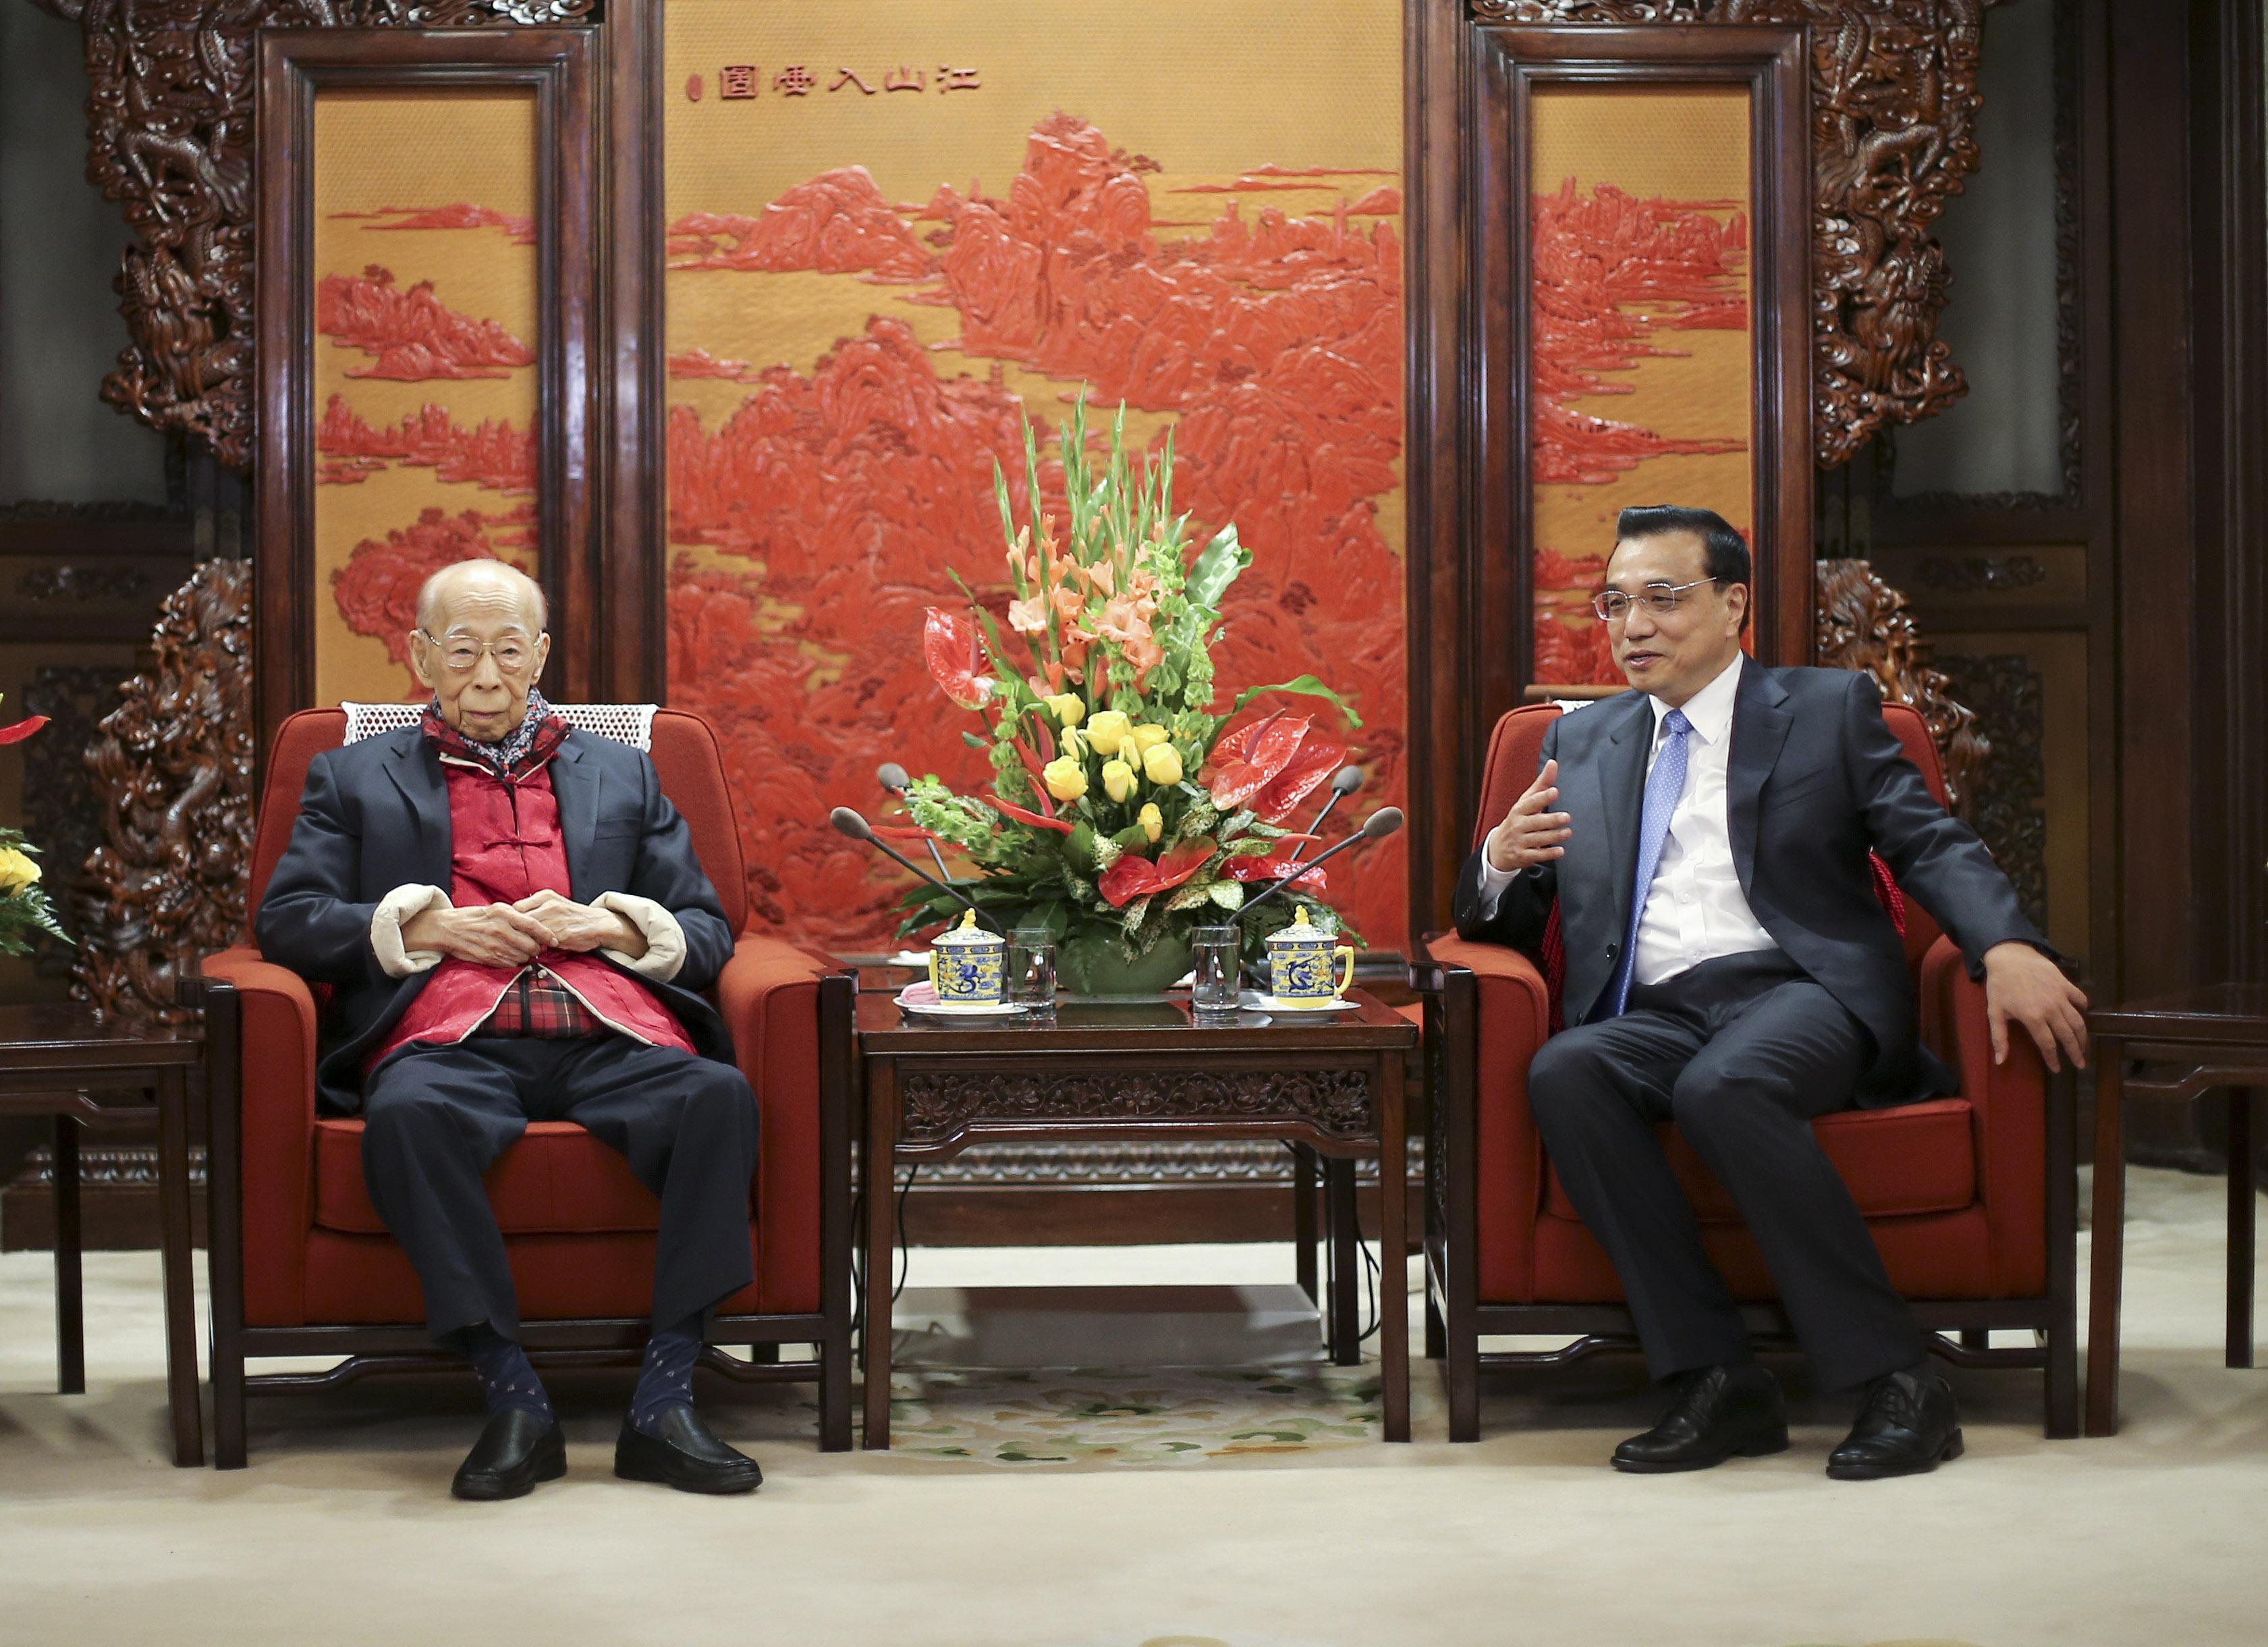 2015年4月27日,國務院總理李克強在北京中南海紫光閣會見饒宗頤先生(中新社)